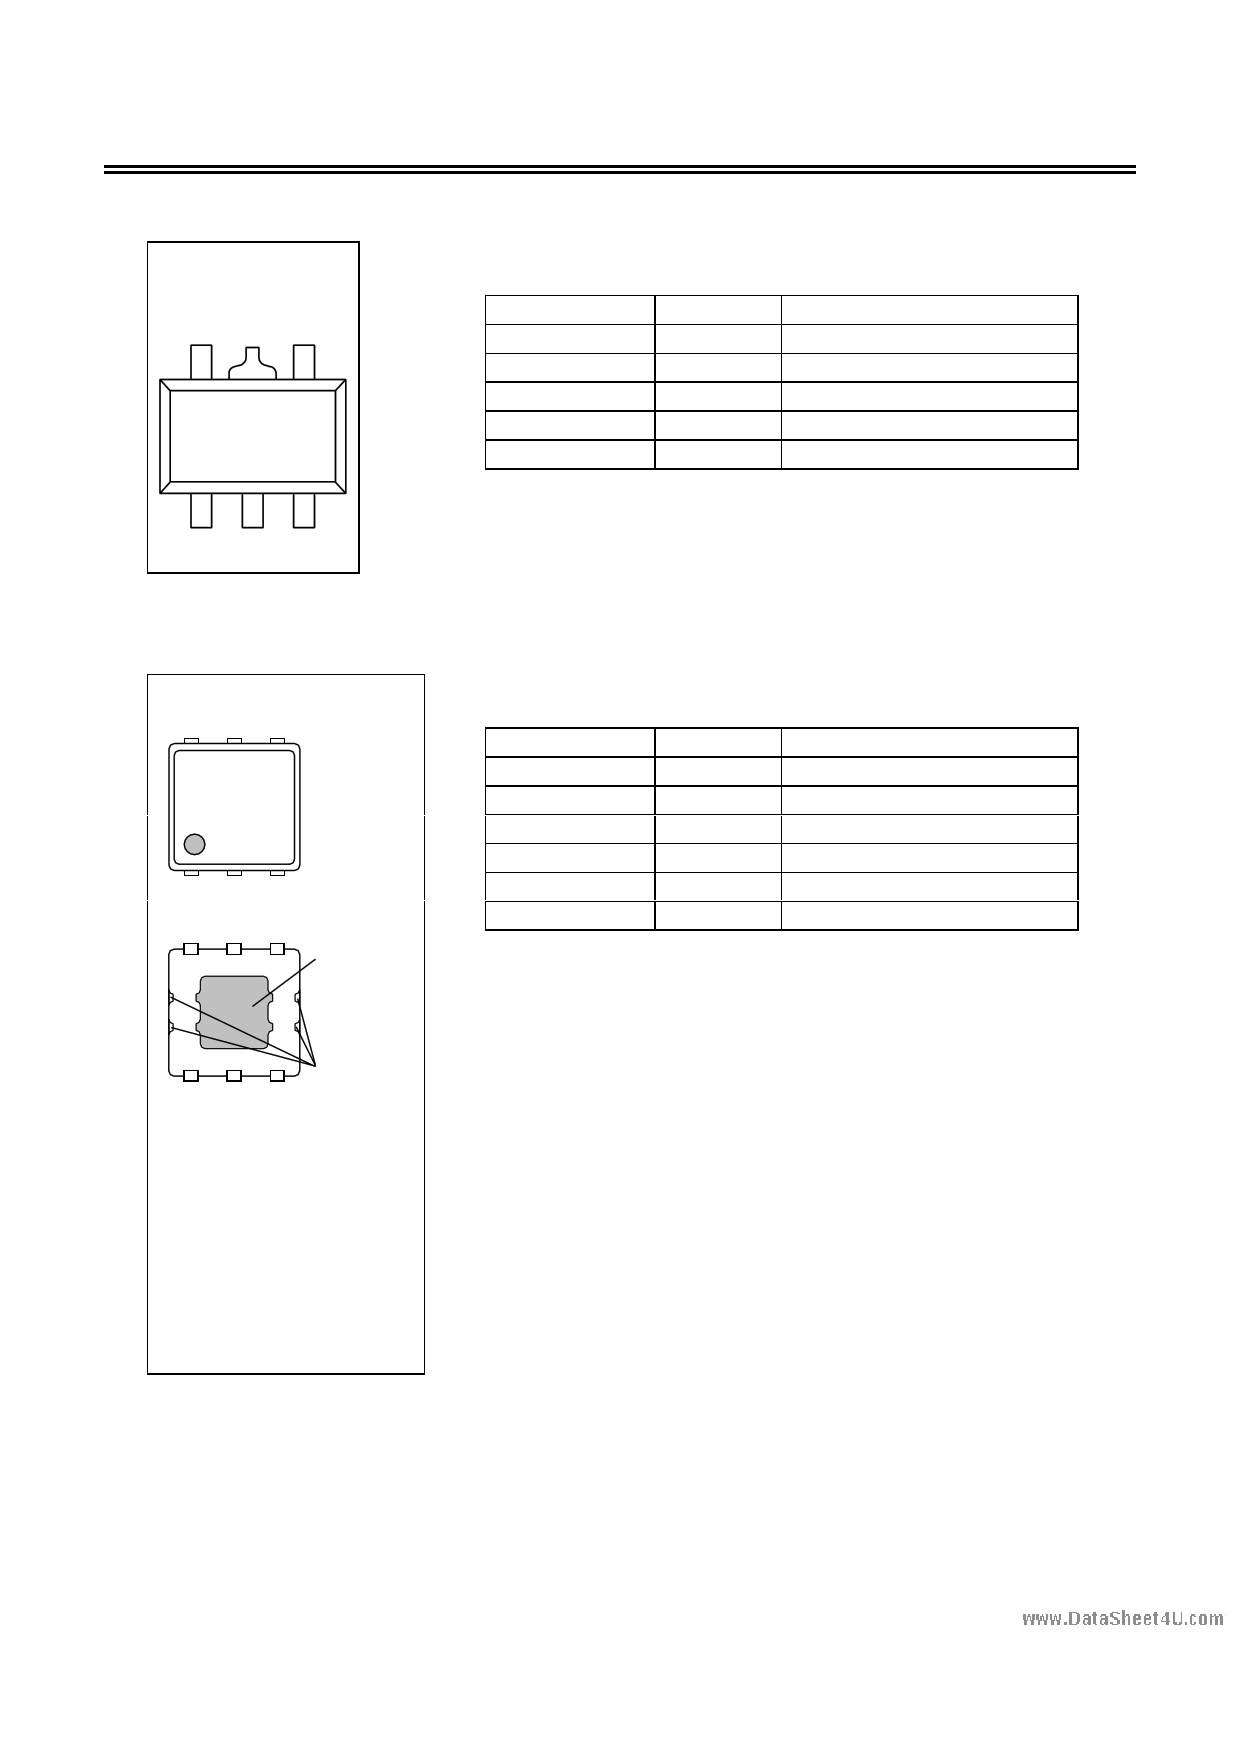 S-1170 pdf